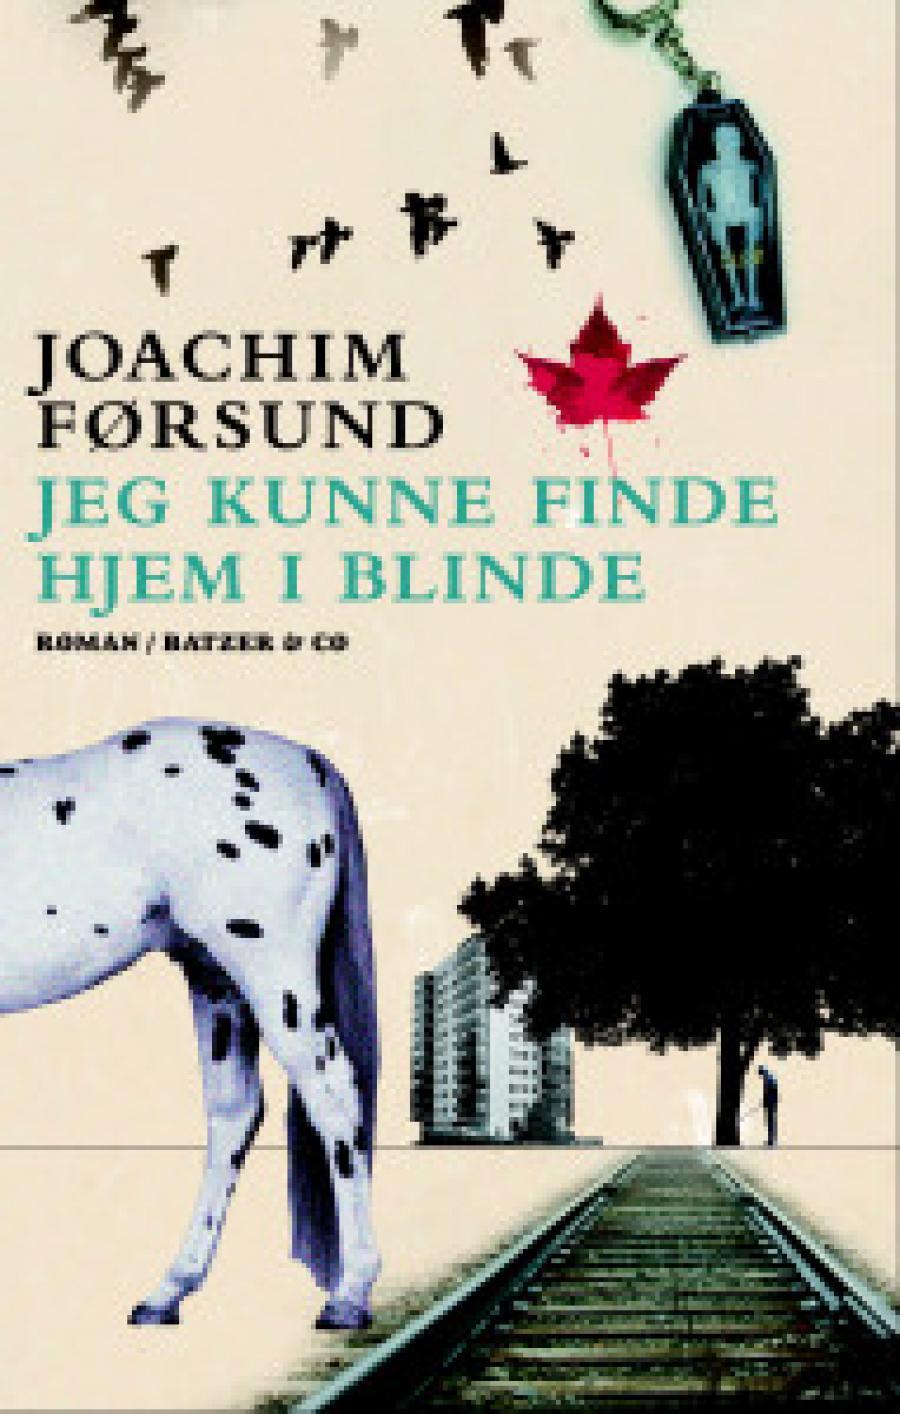 Jeg kunne finde hjem i blinde af Joachim Førsund